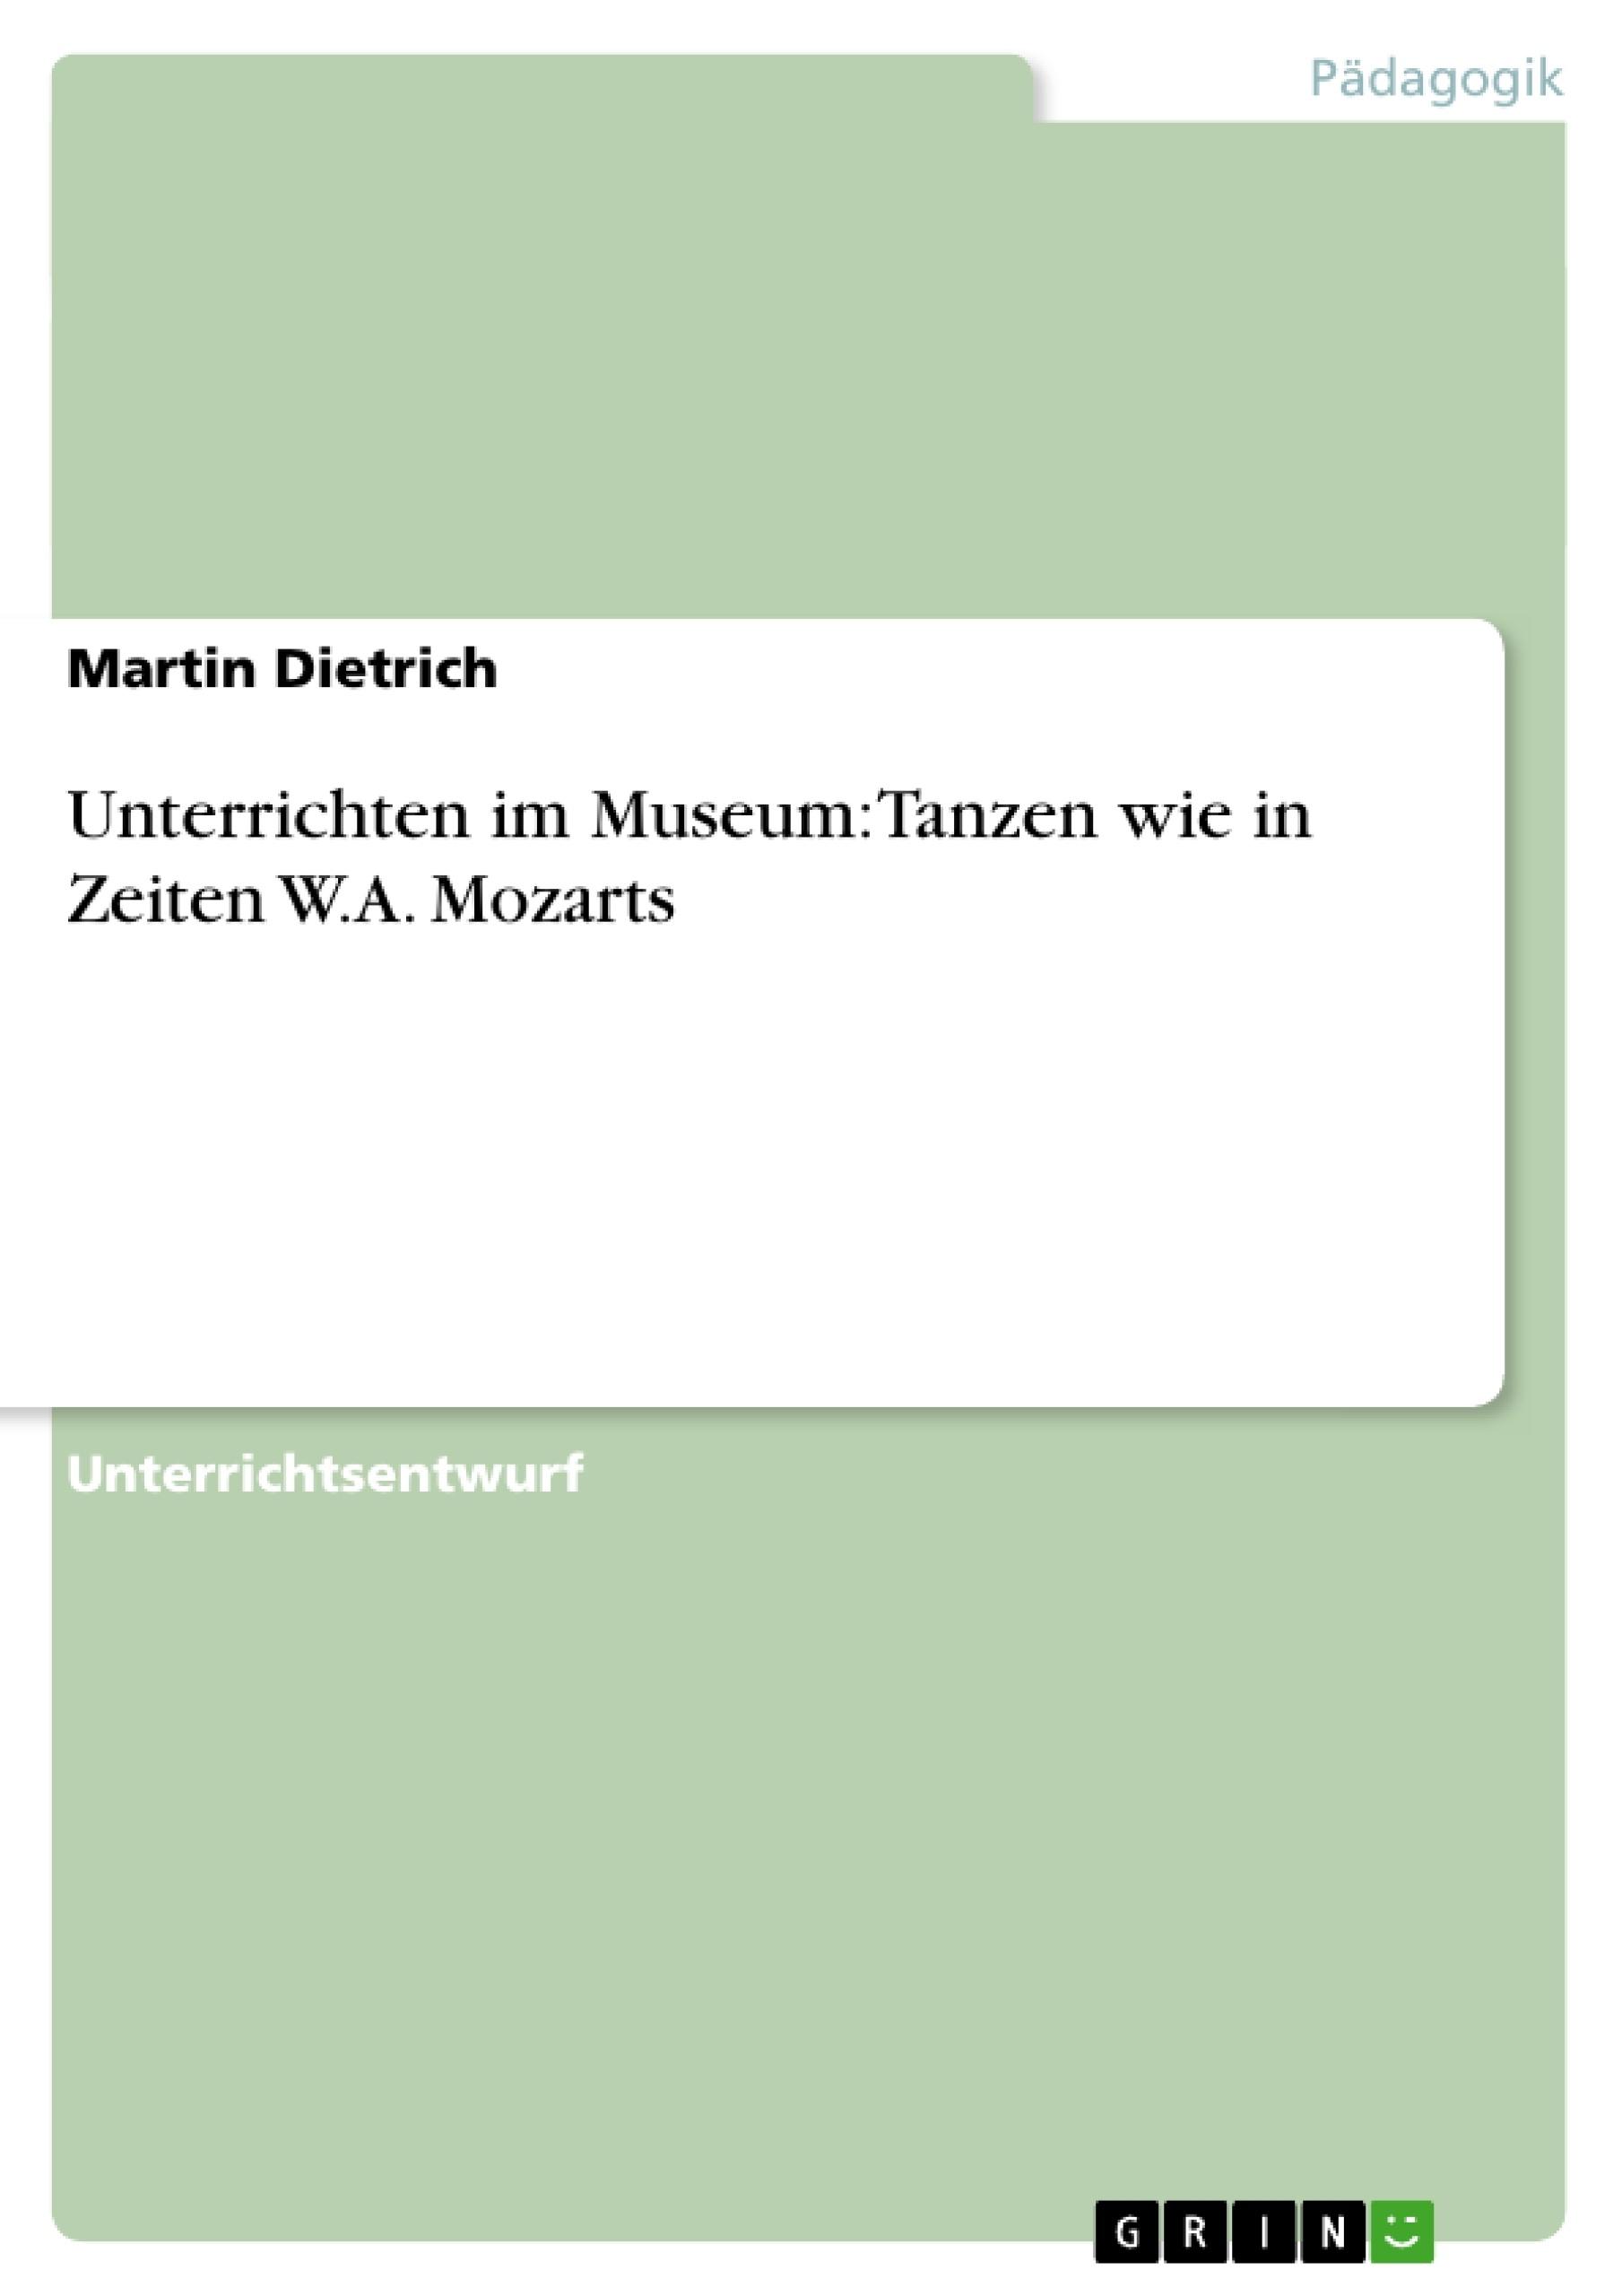 Titel: Unterrichten im Museum: Tanzen wie in Zeiten W.A. Mozarts